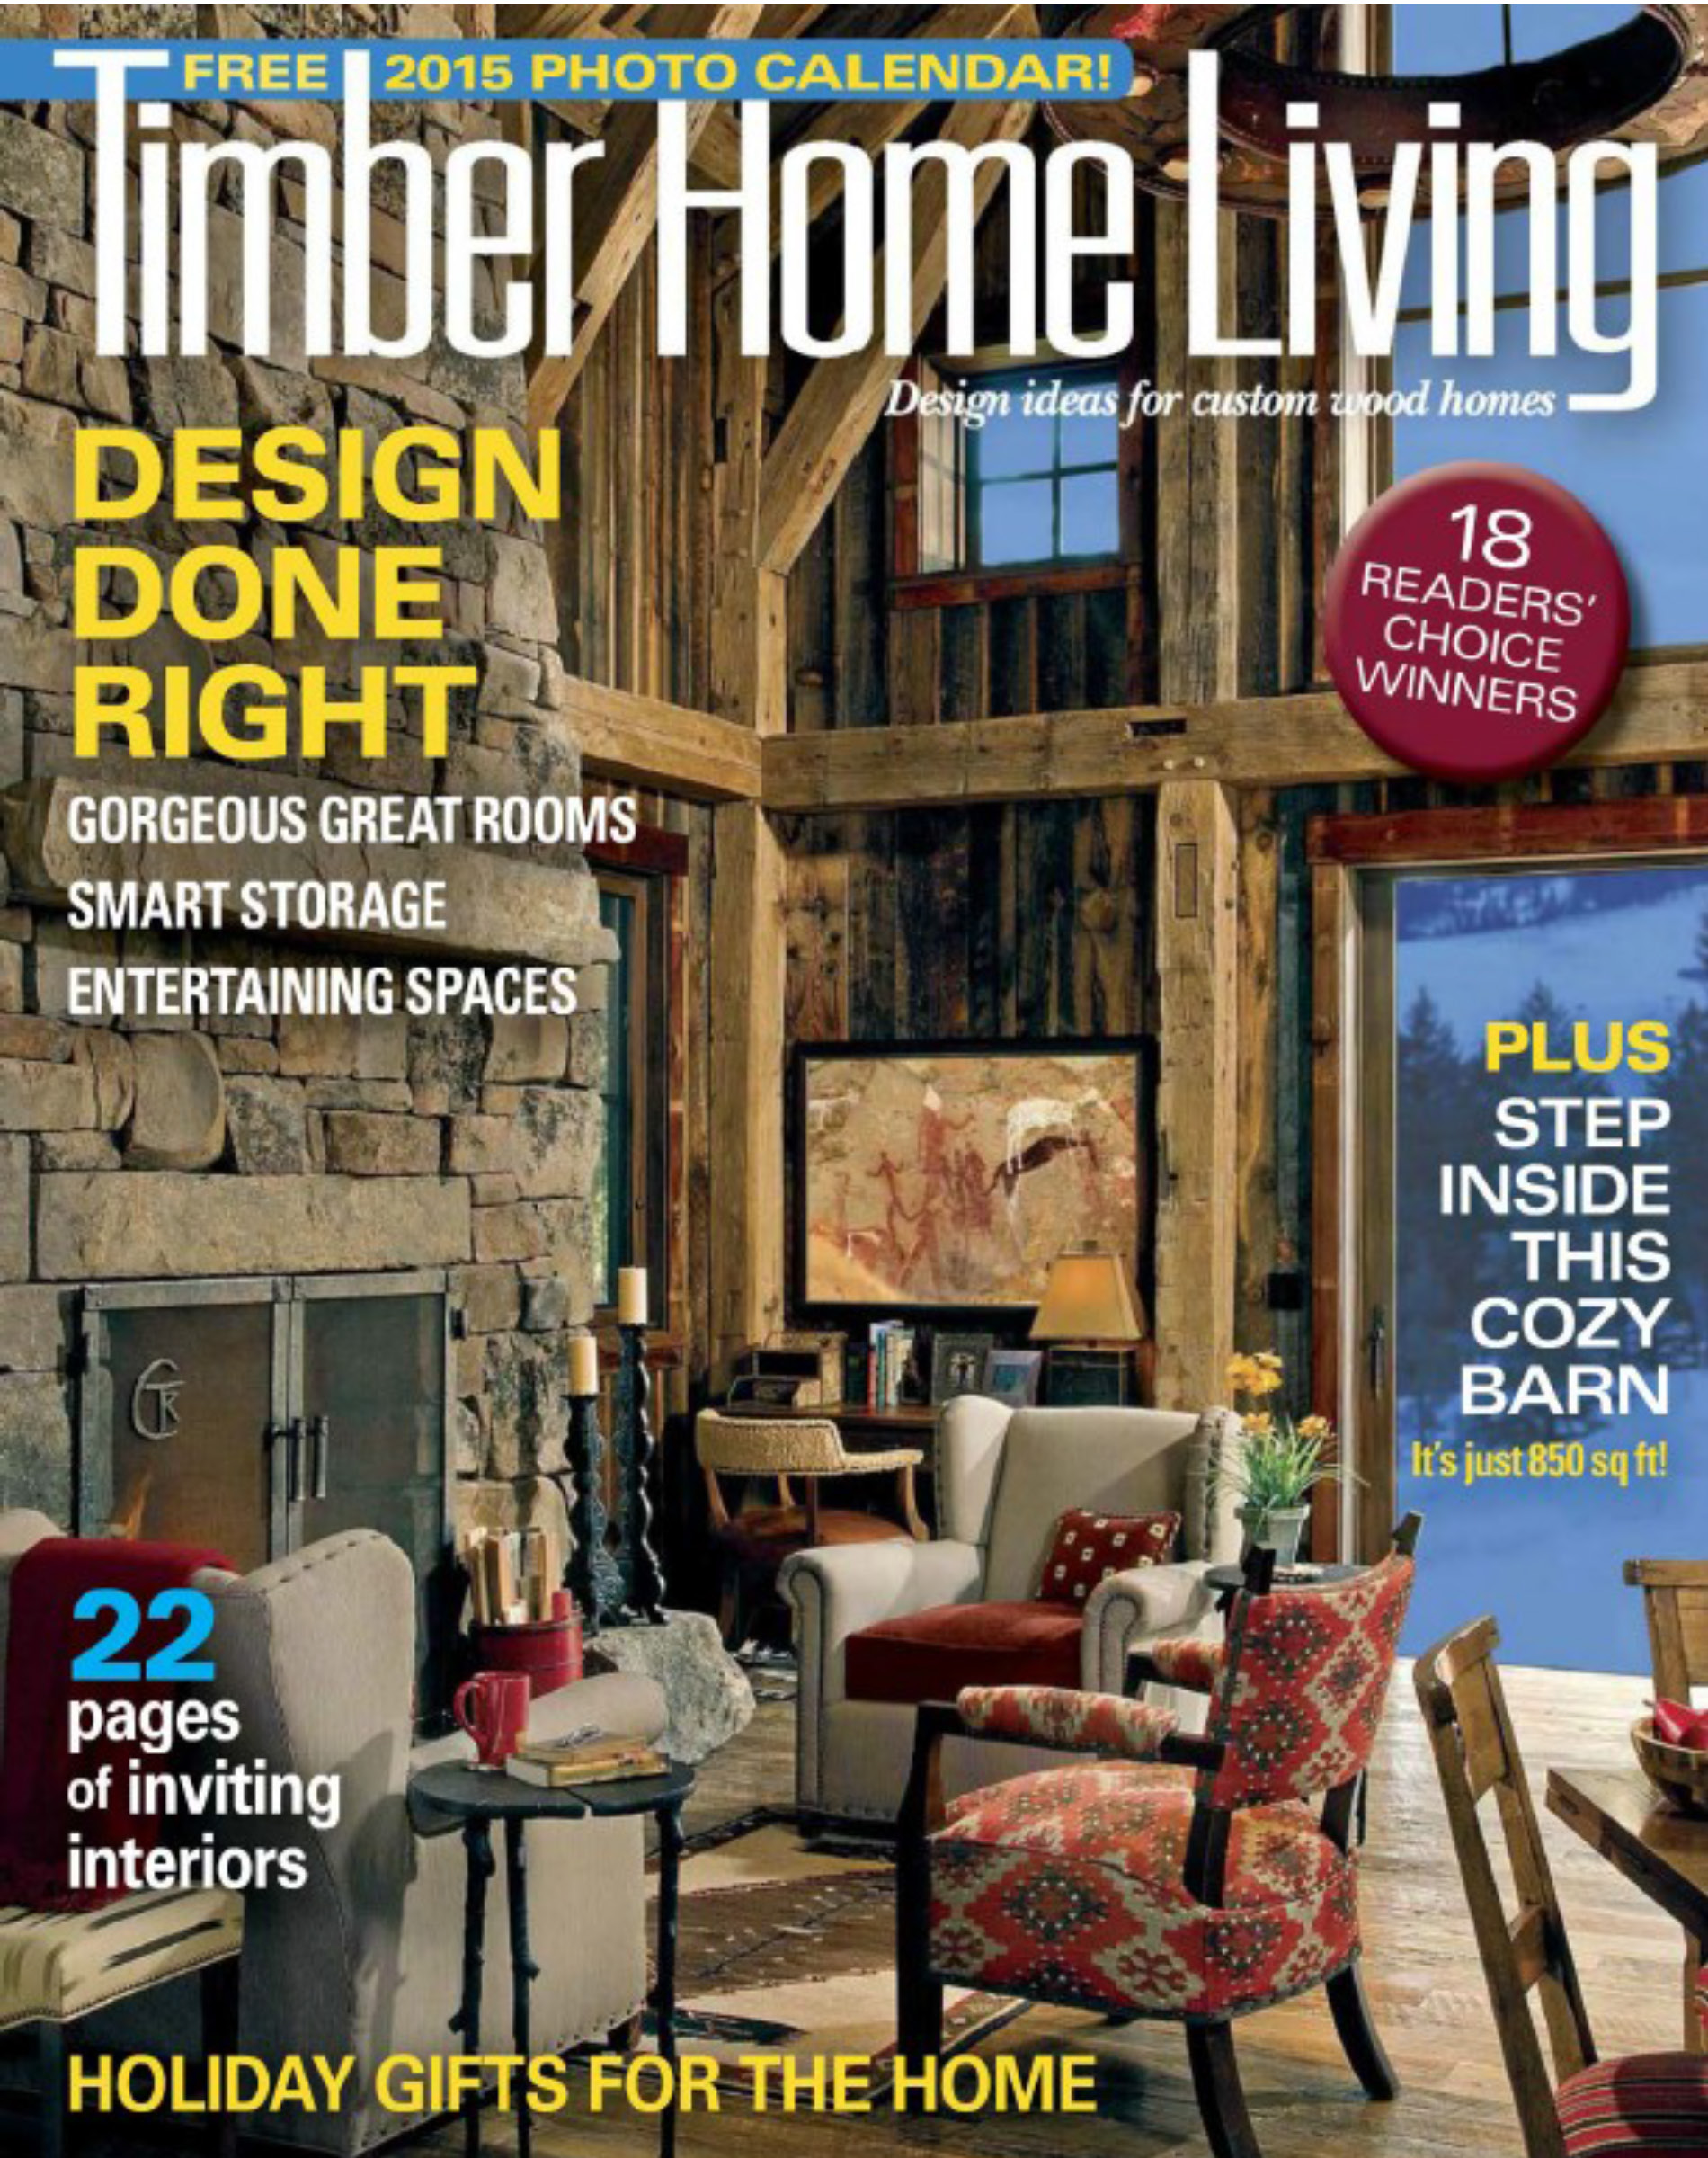 4 Timber Home Living December 2014.jpg